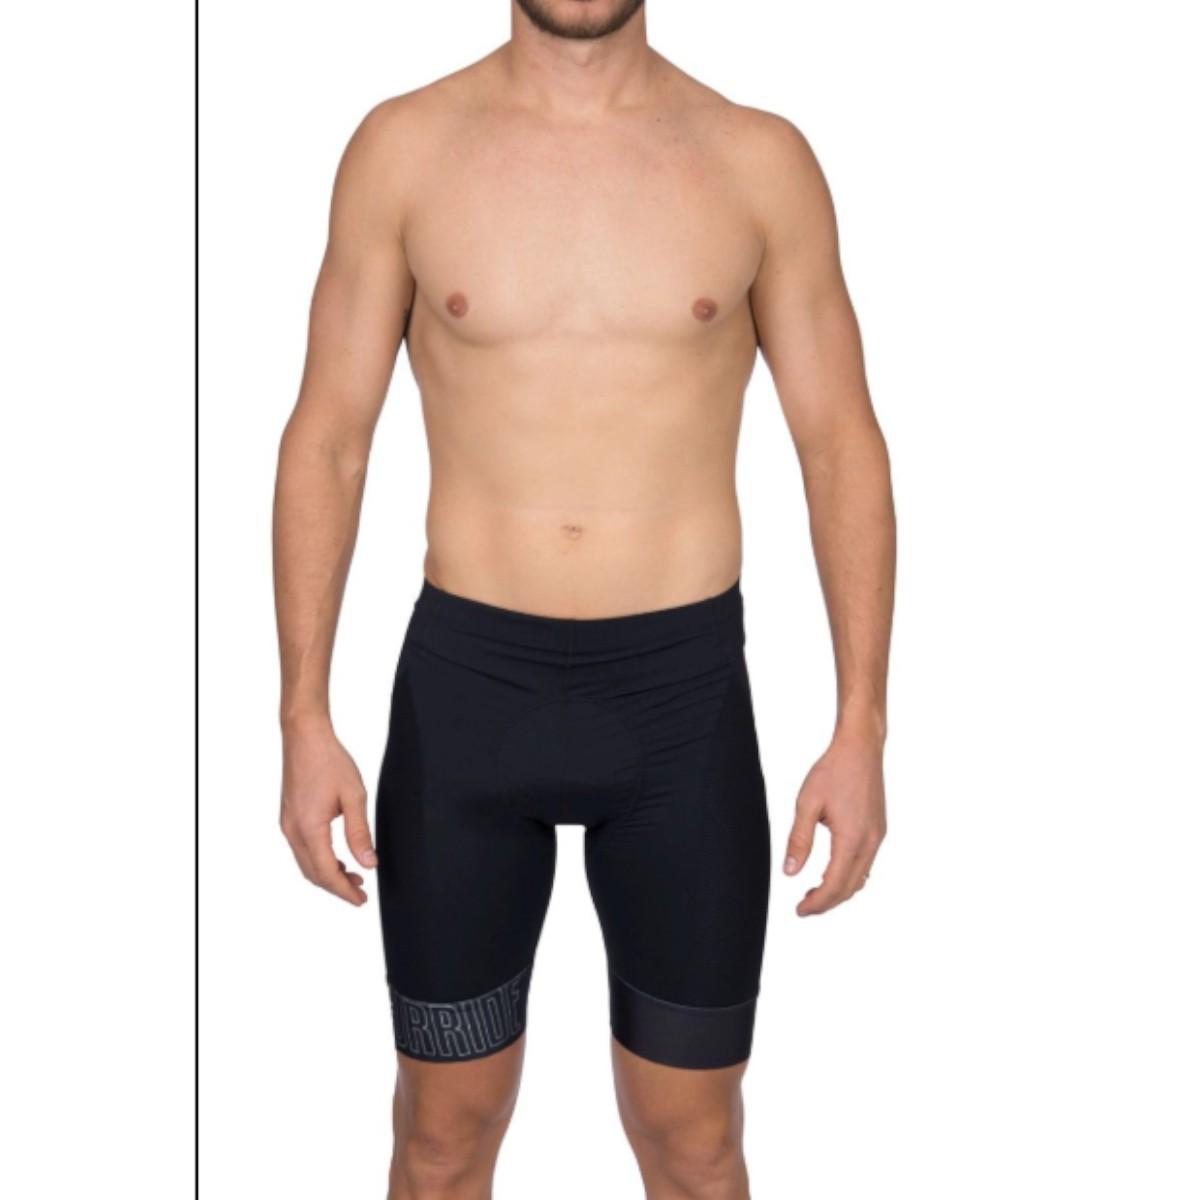 Bermuda de Ciclismo Woom Masculino Supreme Preto e Branco 2019